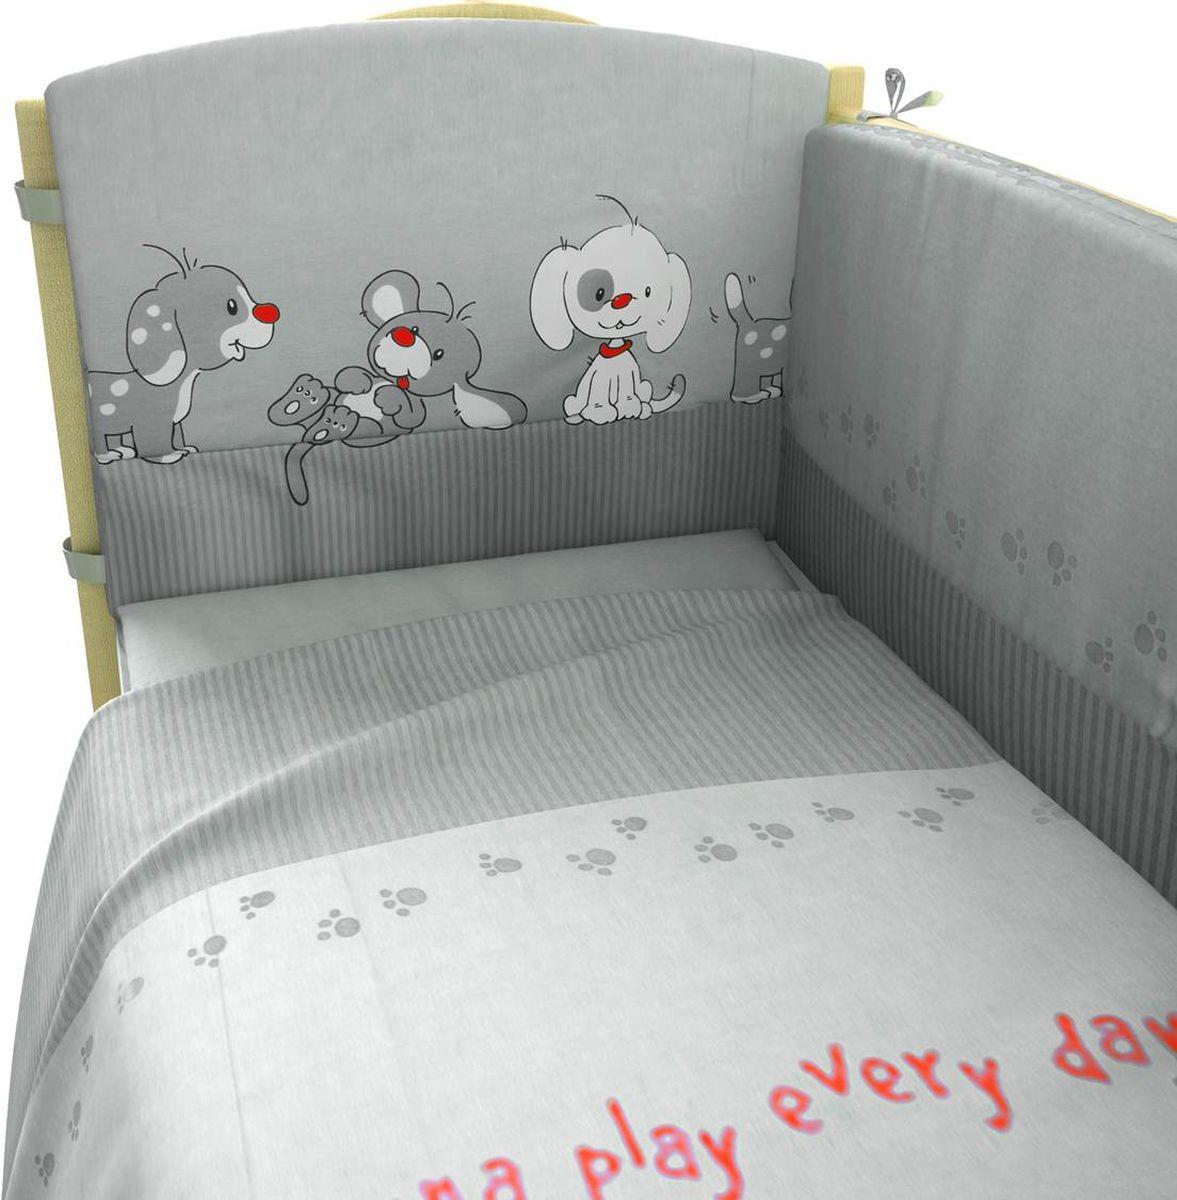 Фея Комплект белья для новорожденных Веселая игра цвет серый 6 предметов1064-3В комплект входят: Борт: 42 х 49 х 180 см Подушка: 40 х 60 смОдеяло: 110 х 140 смНаволочка: 40 х 60 смПростыня на резинке на матрац (120 х 60 см)Пододеяльник: 110 х 140 см